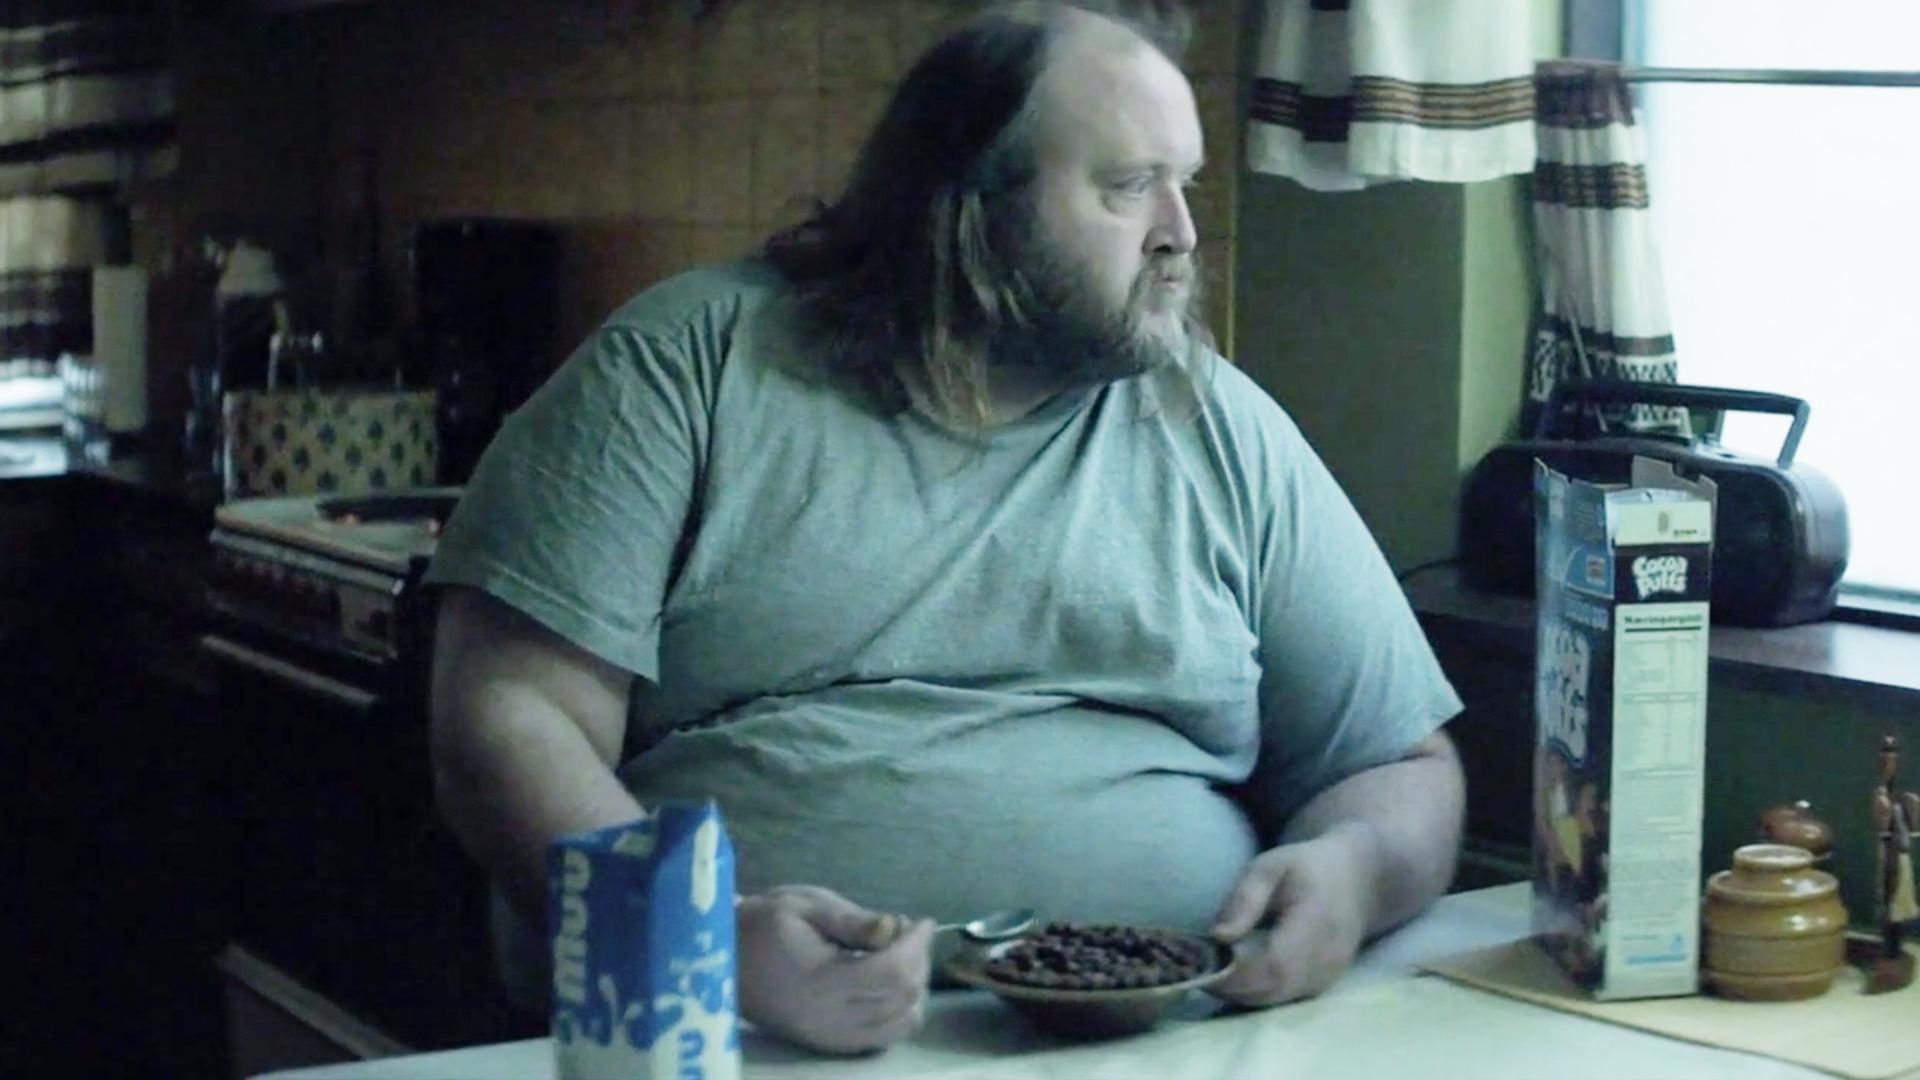 秃顶,200公斤,40岁没牵过女孩手,他静静感受世界对丑人的恶意